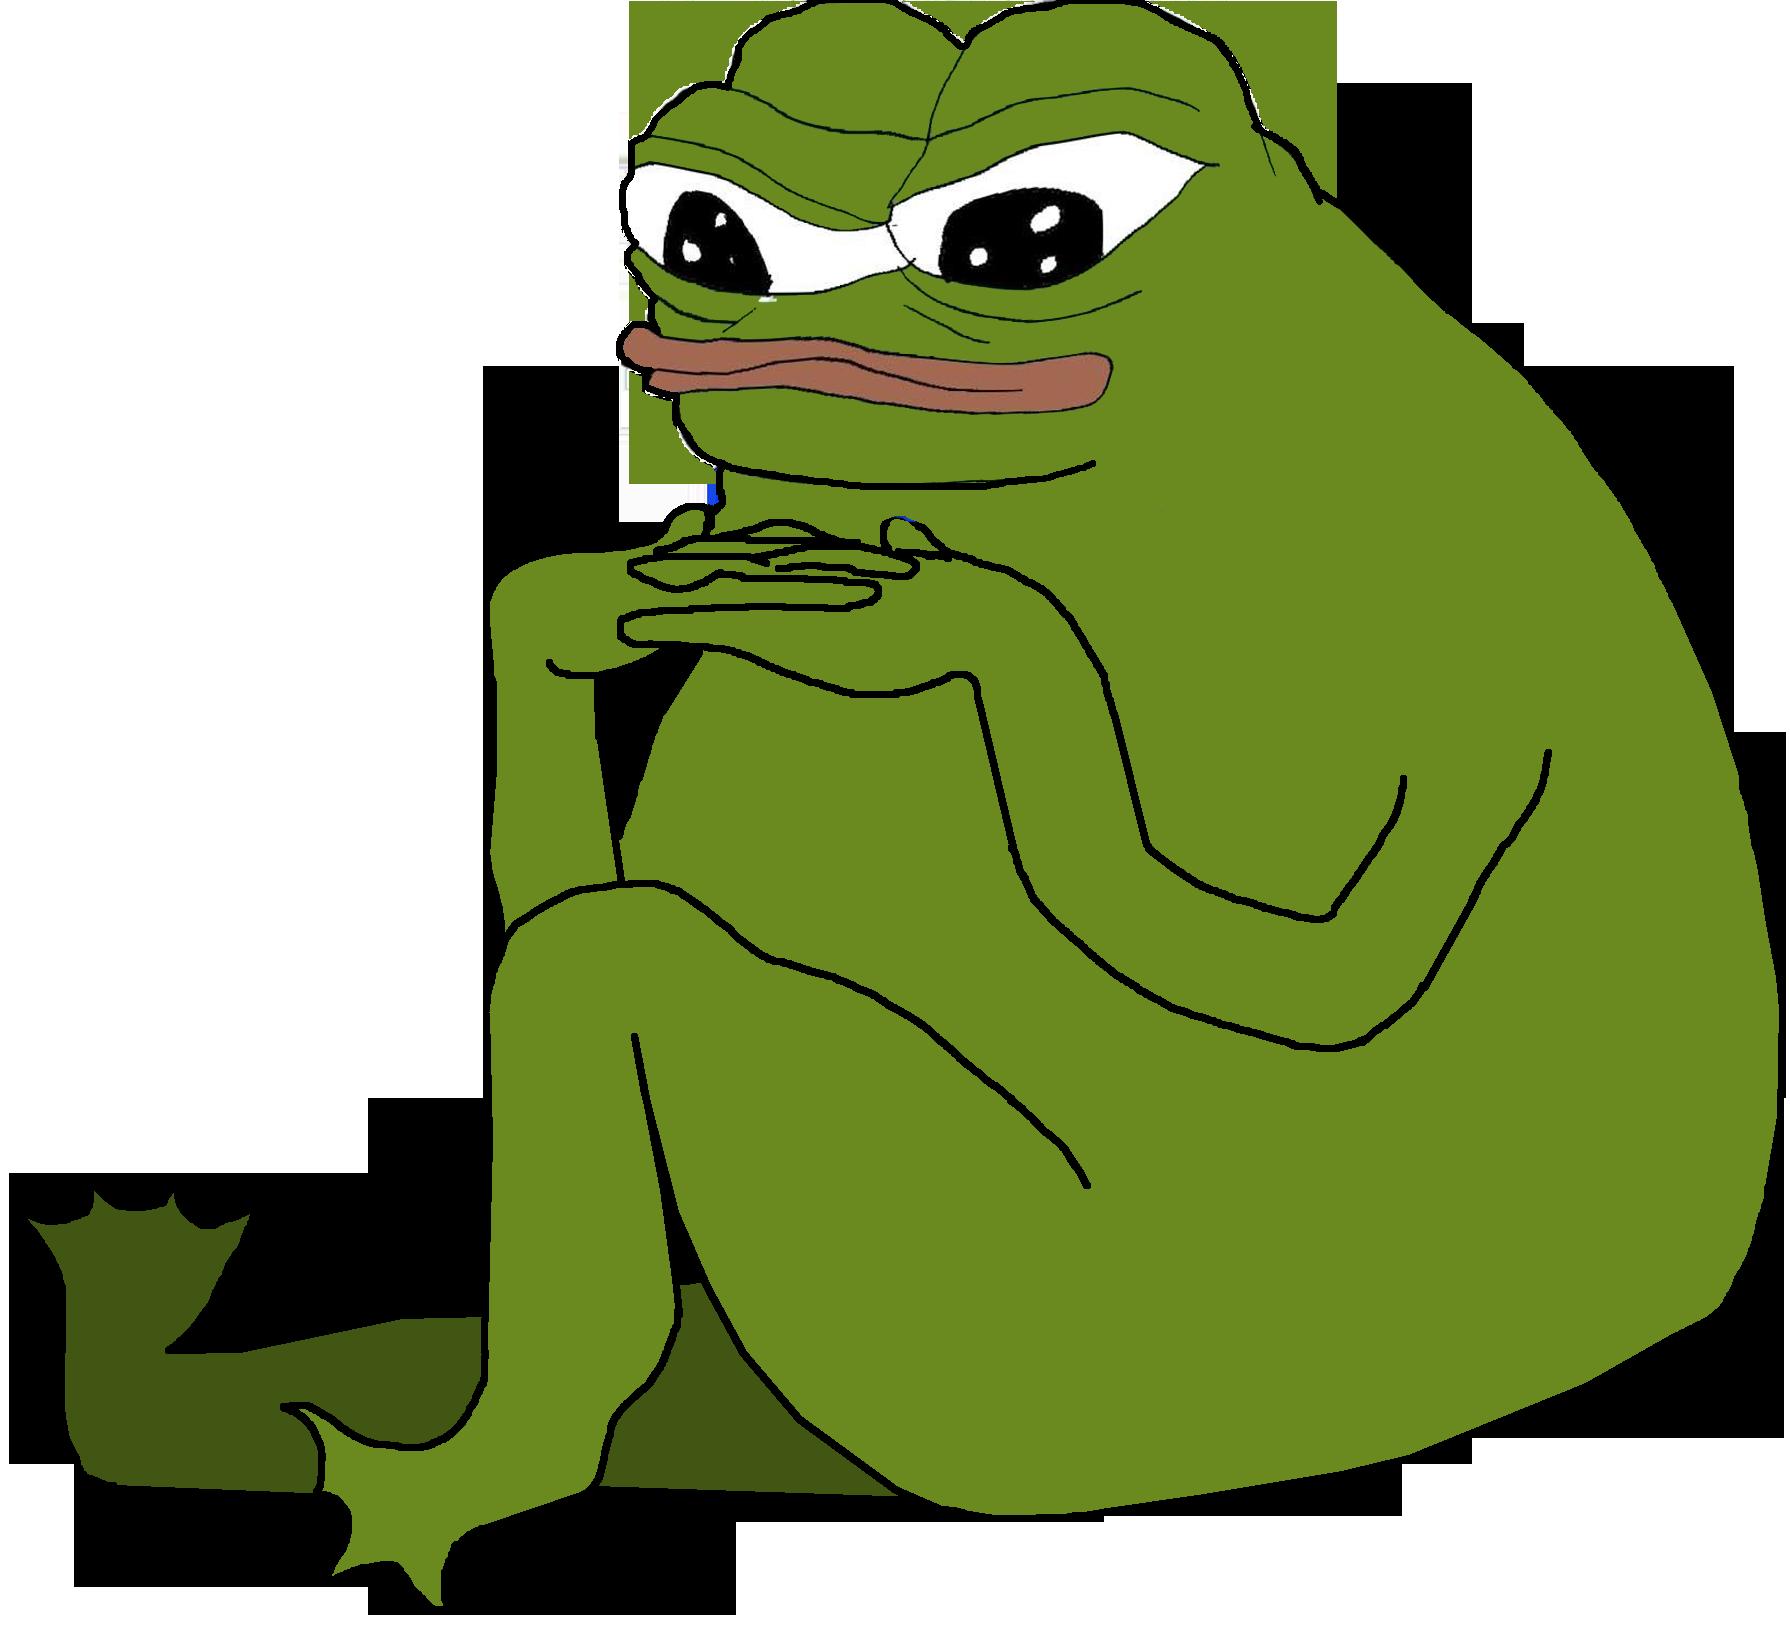 мебелирована так создать картинку грустная жаба славянске продолжаются